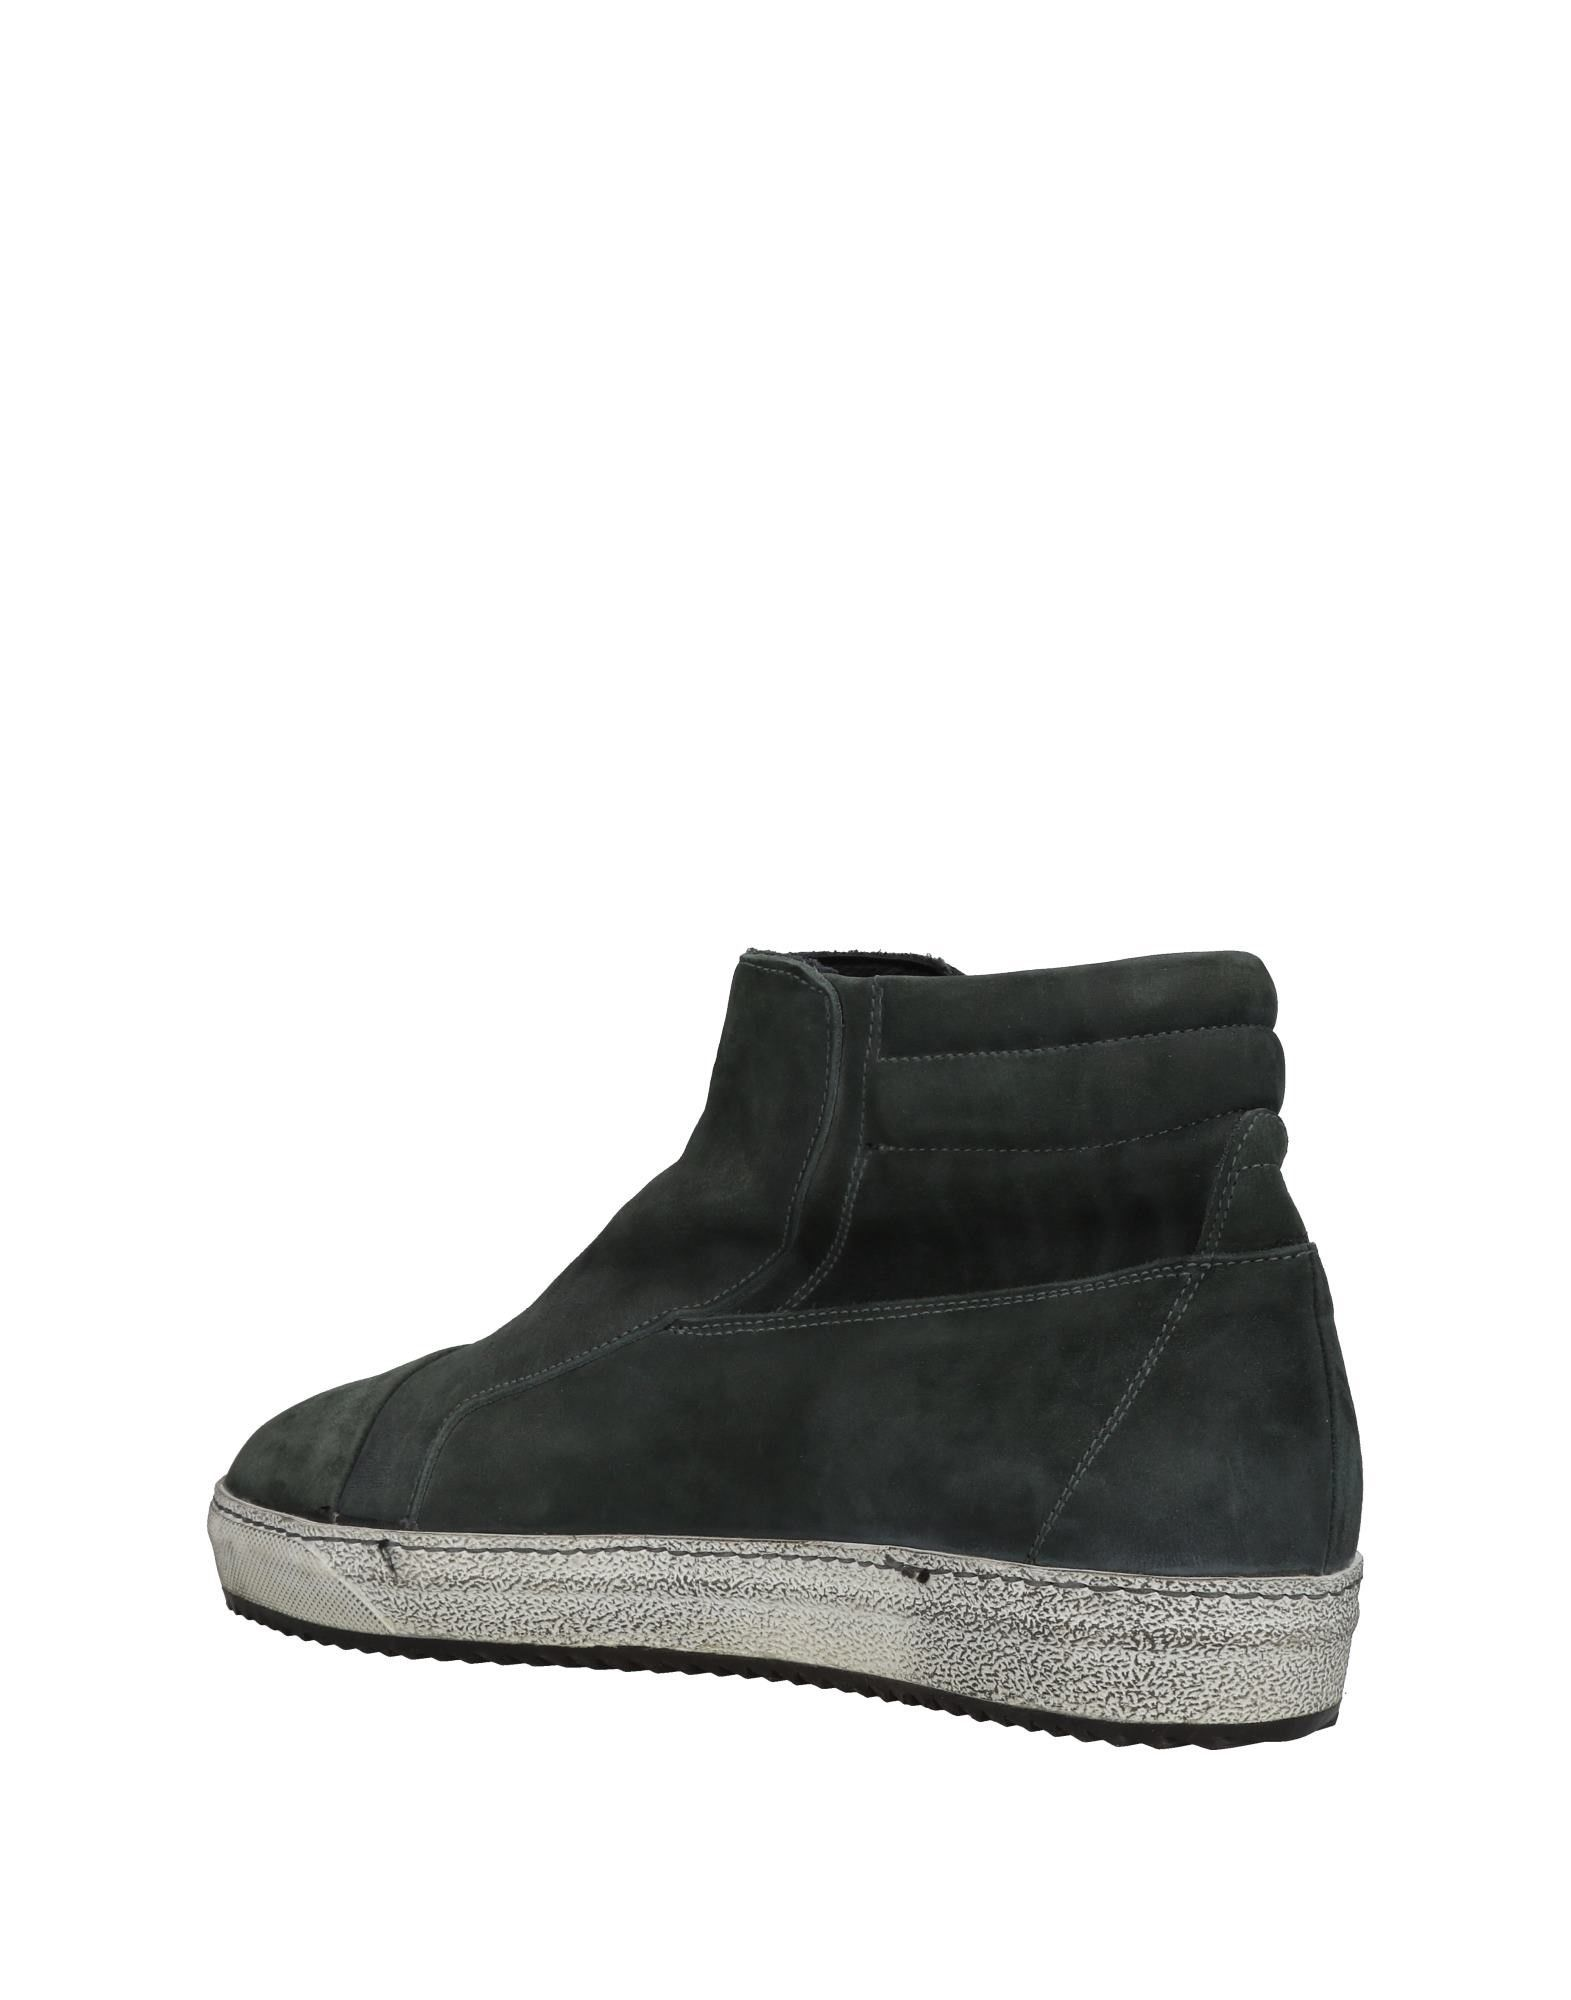 Giorgio Giorgio Giorgio Brato Sneakers Herren  11461942CU c0d121